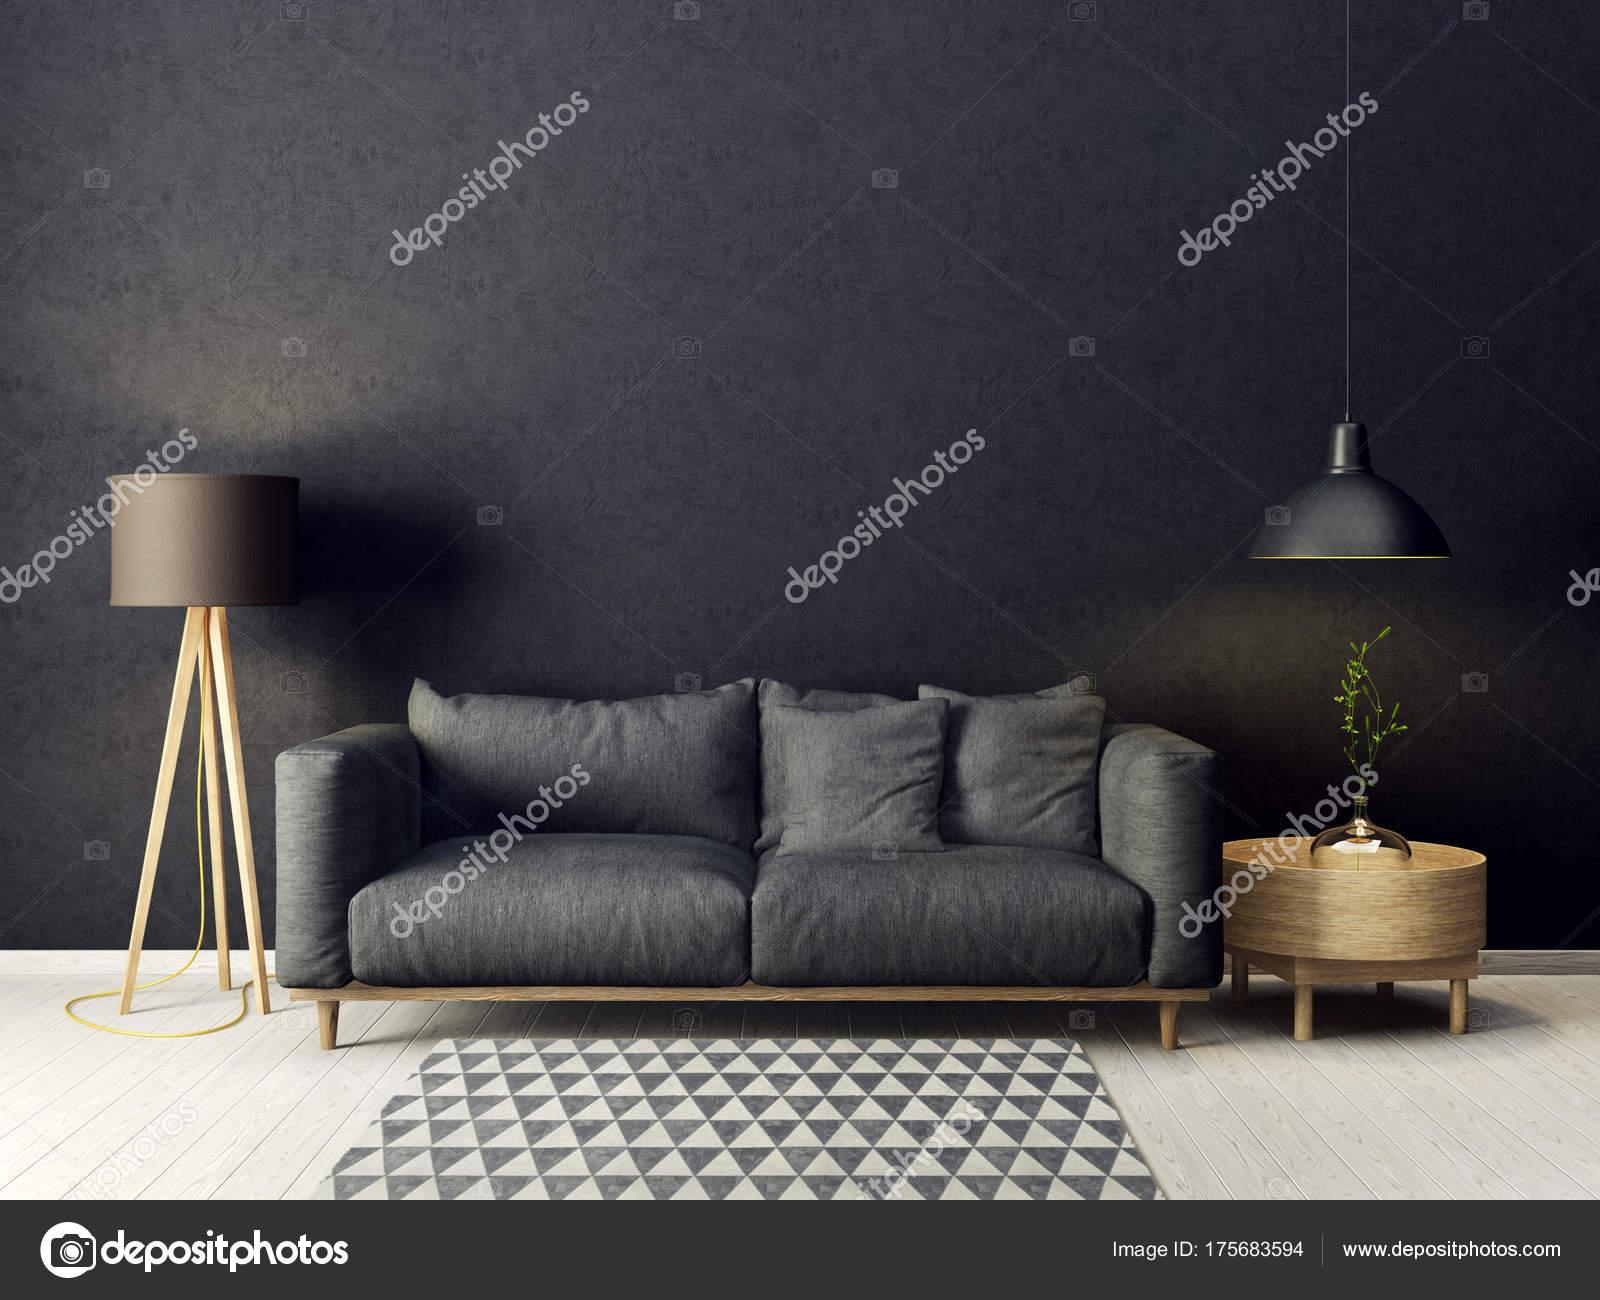 Lampen Scandinavisch Interieur : Moderne woonkamer met grijze bank lamp scandinavisch interieur